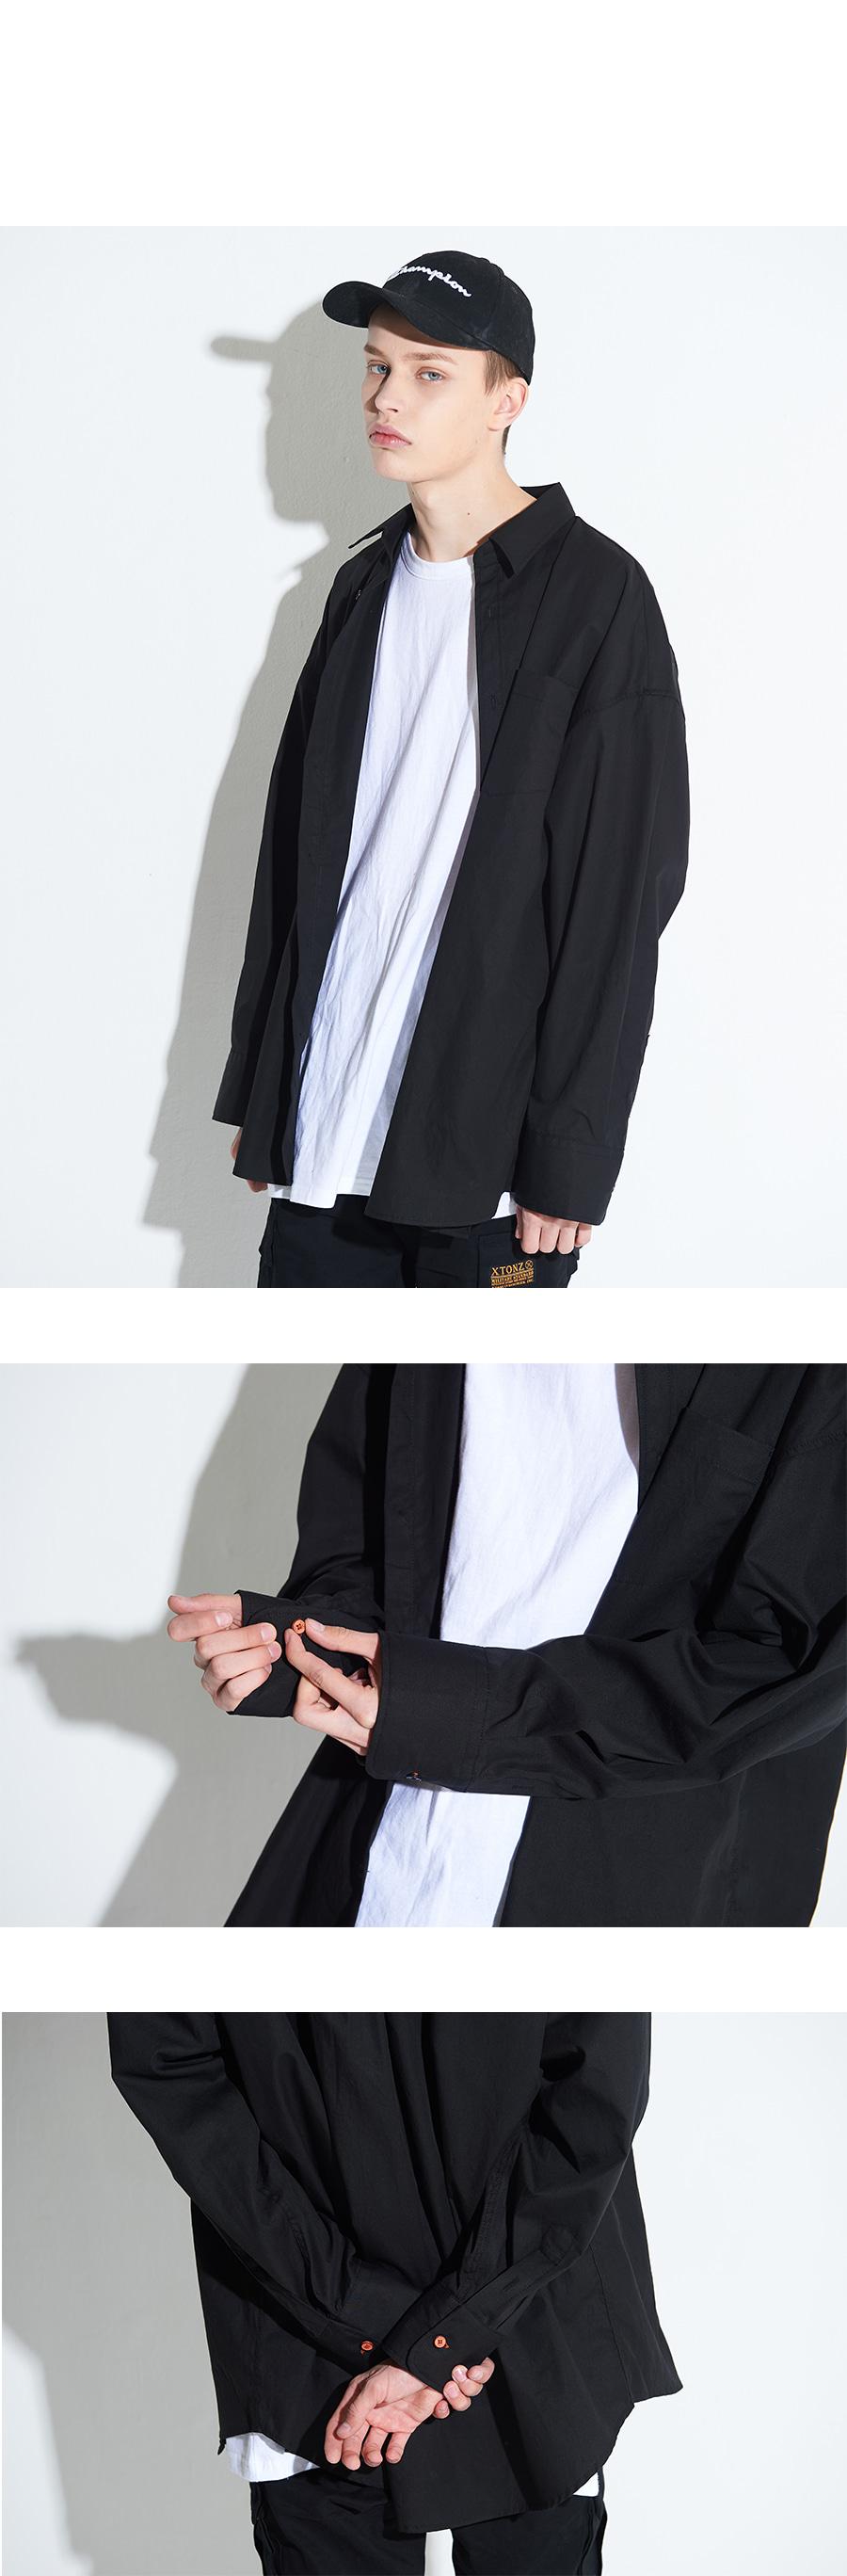 엑스톤즈 XTS003 아모르 오버핏 셔츠 (BLACK)